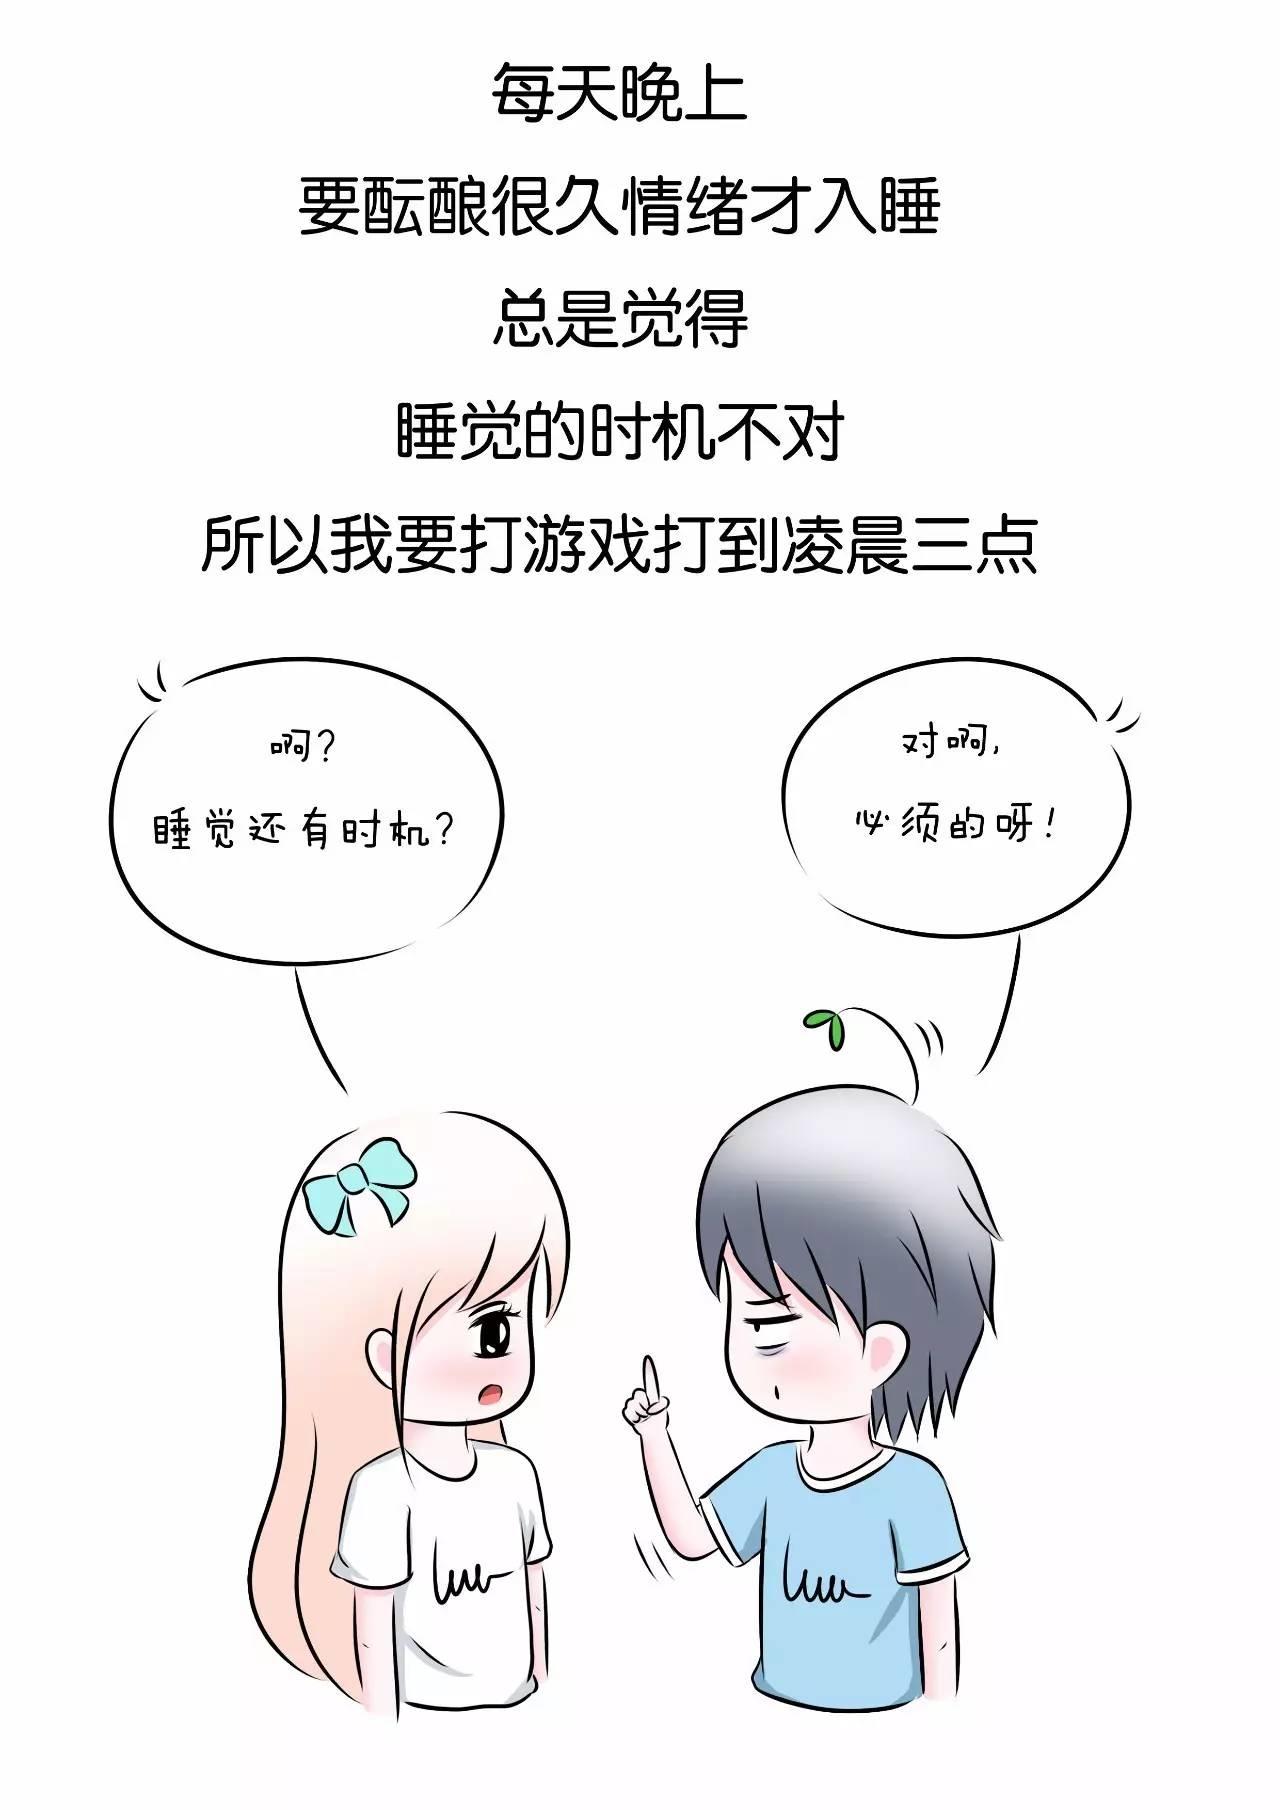 """""""我感到交易的时机已经成熟。""""求翻译成日语~谢谢~"""